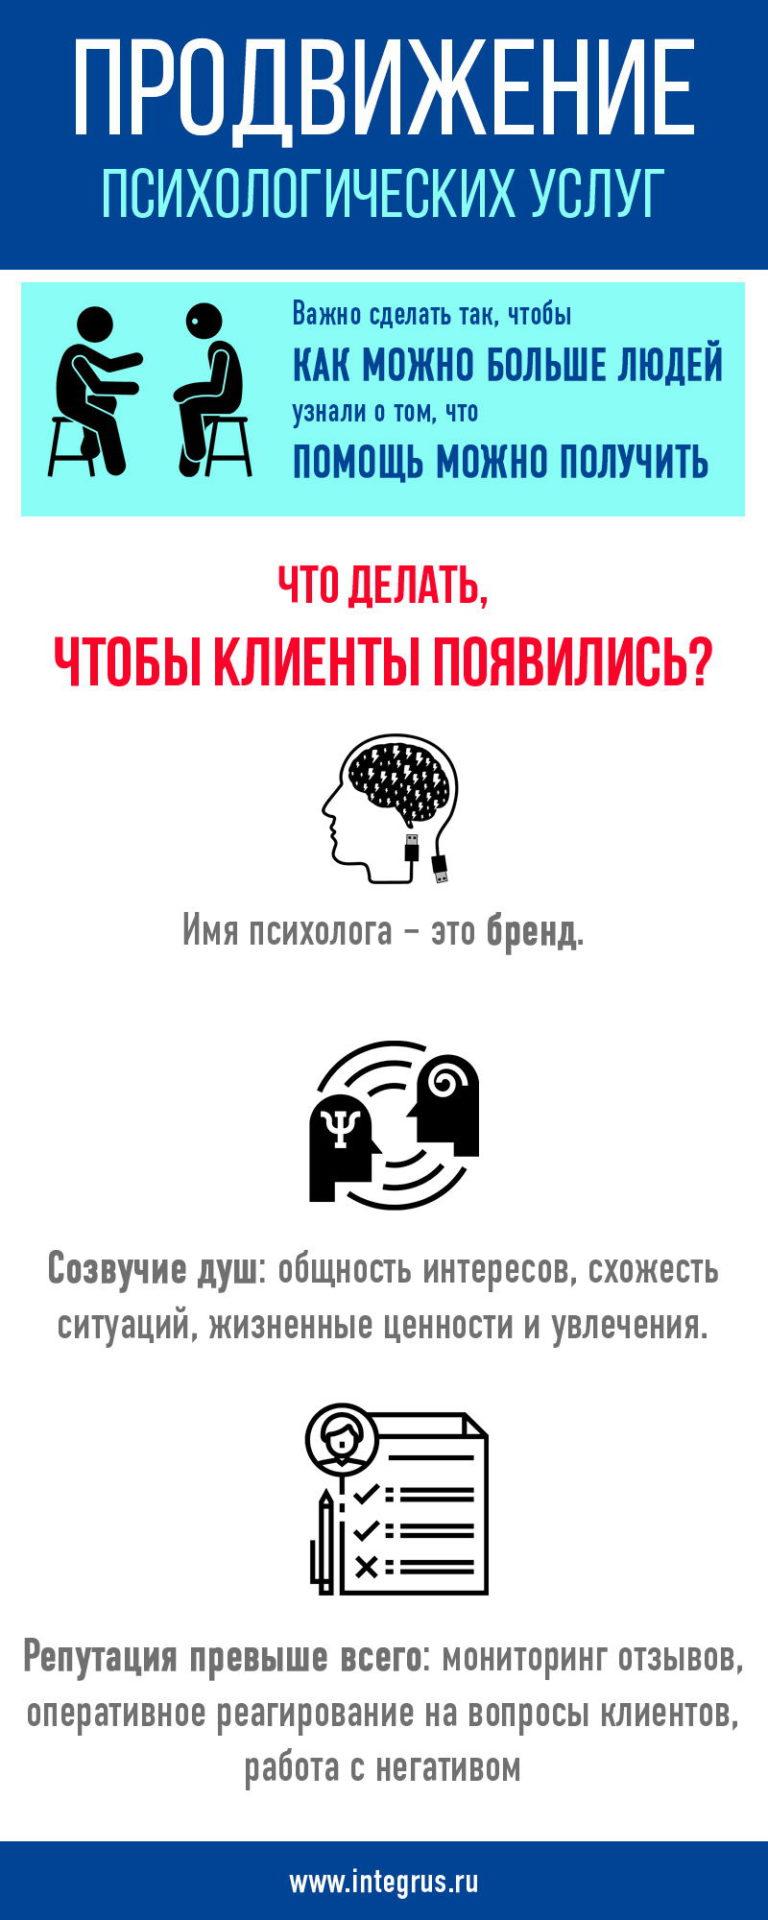 Продвижение психологических услуг в Интернете